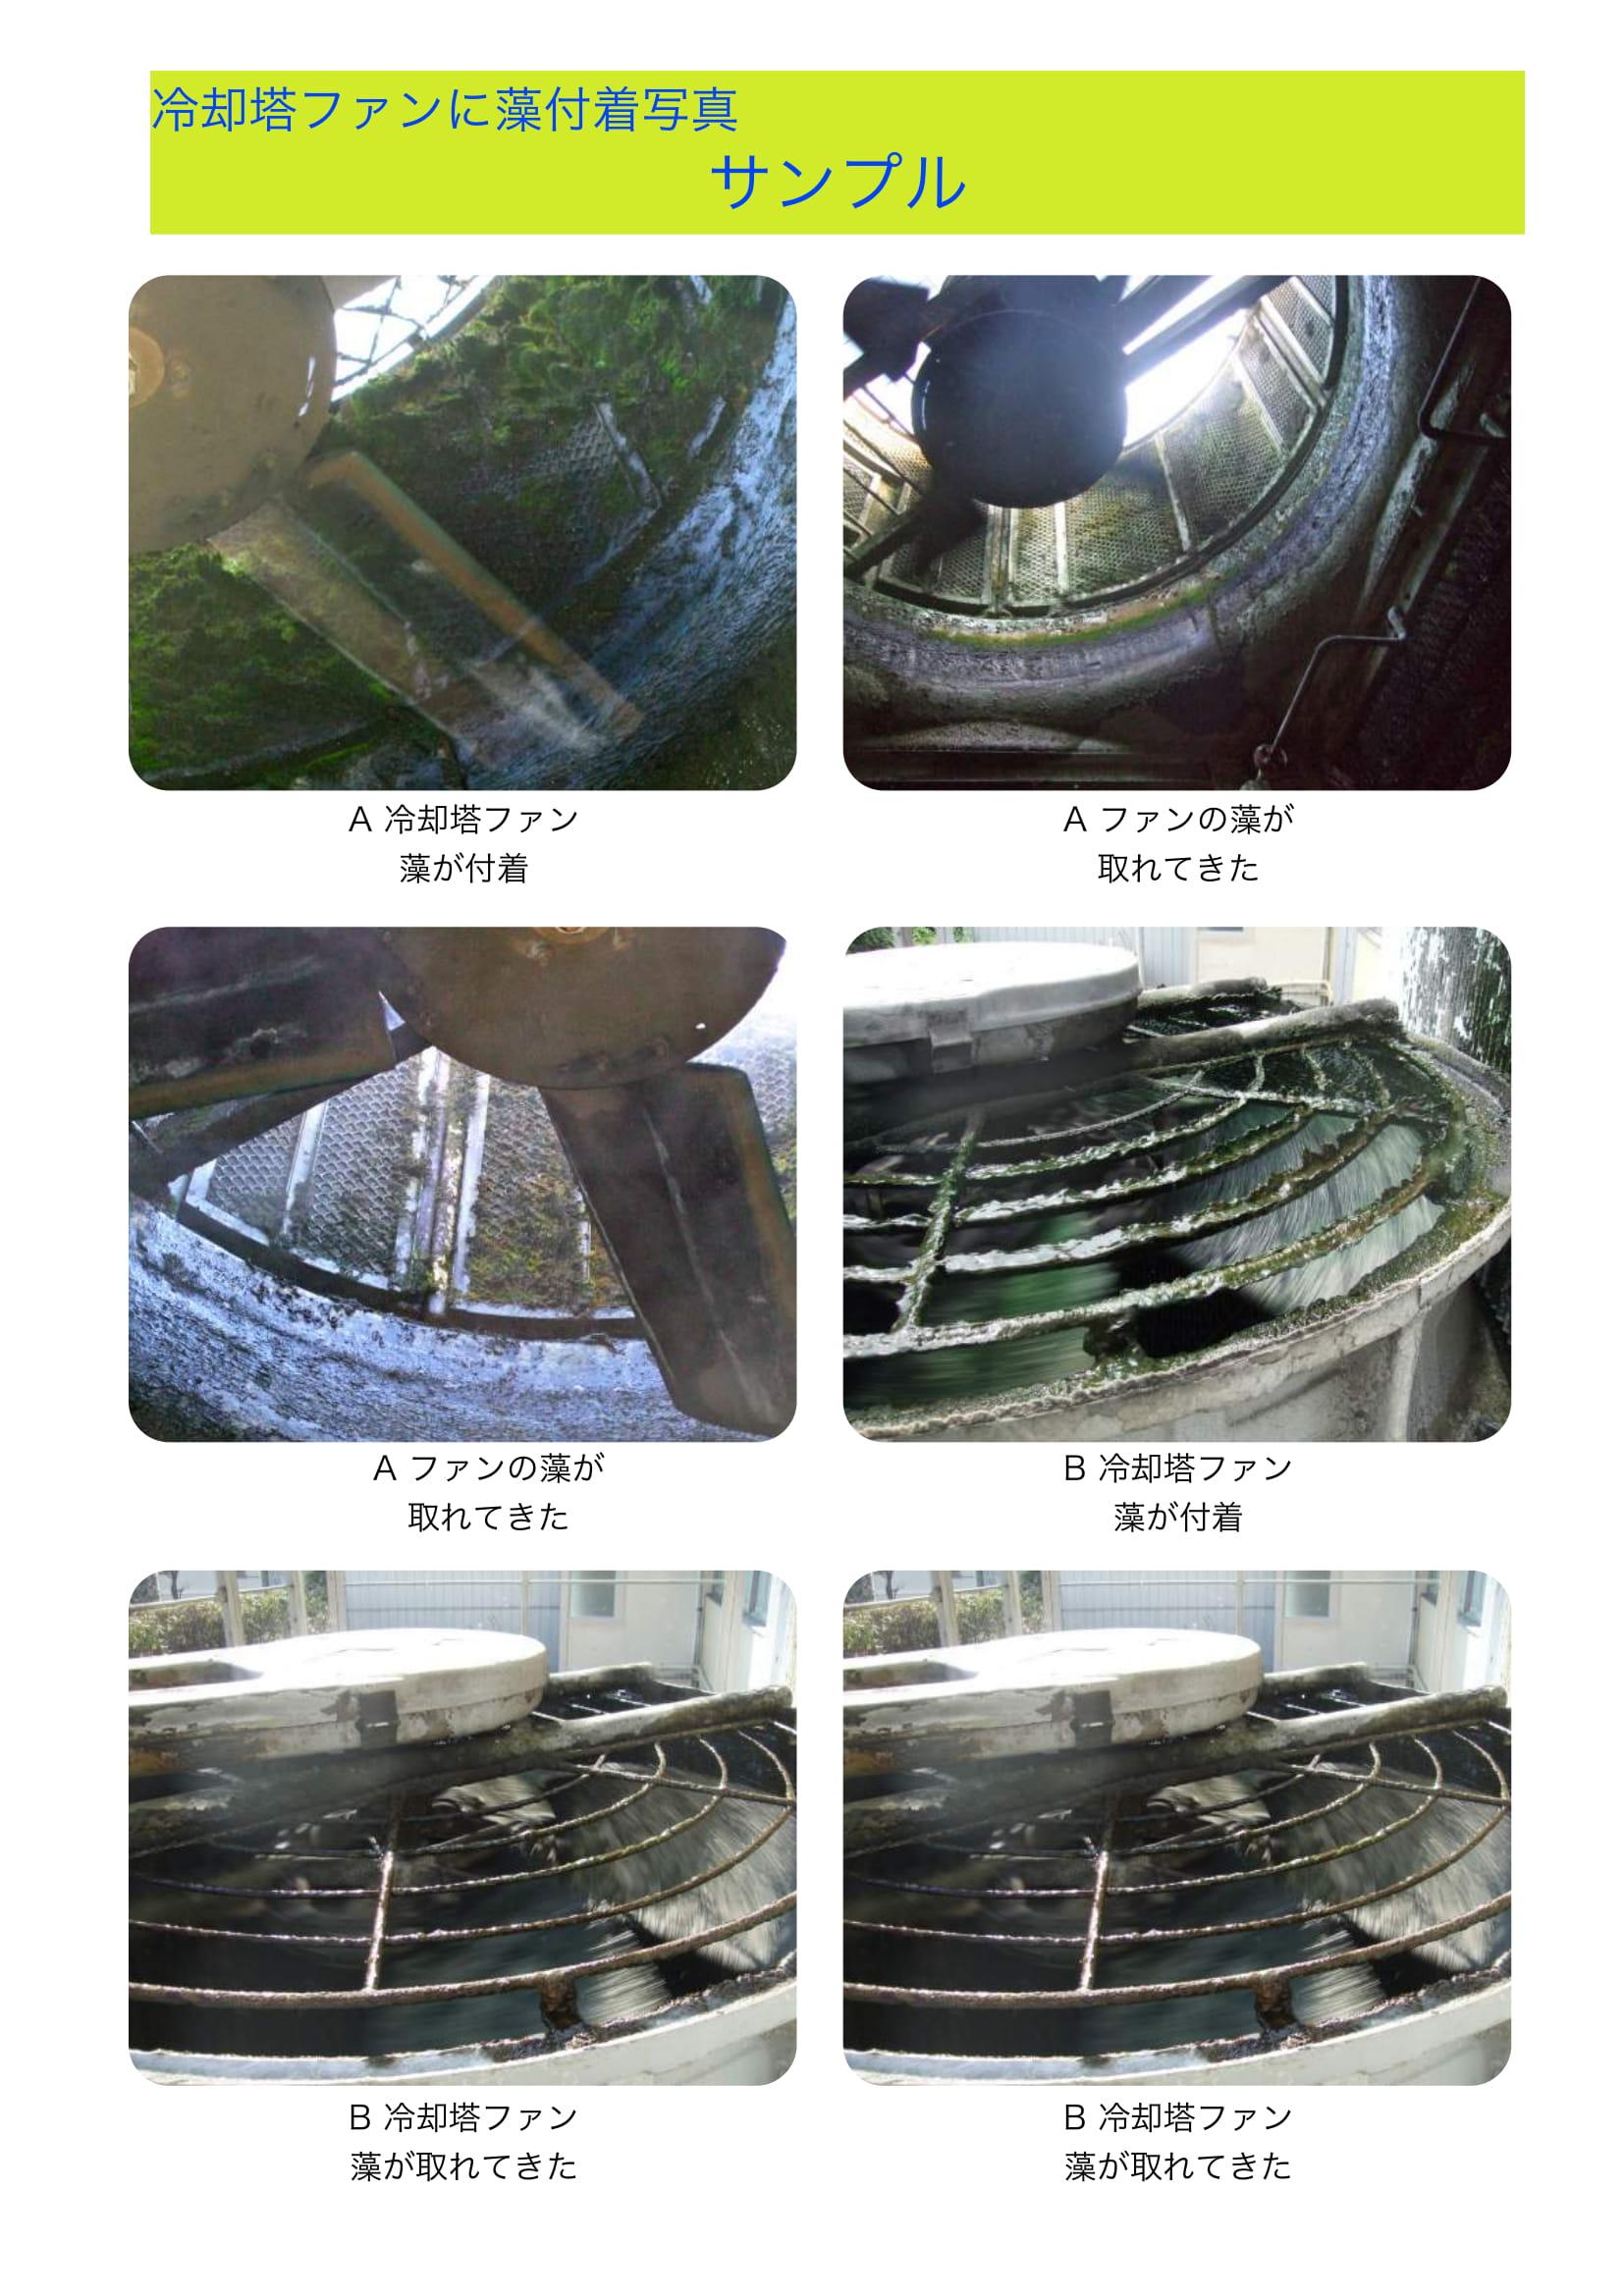 2018_09_11金属技研株式会社-compressed-1